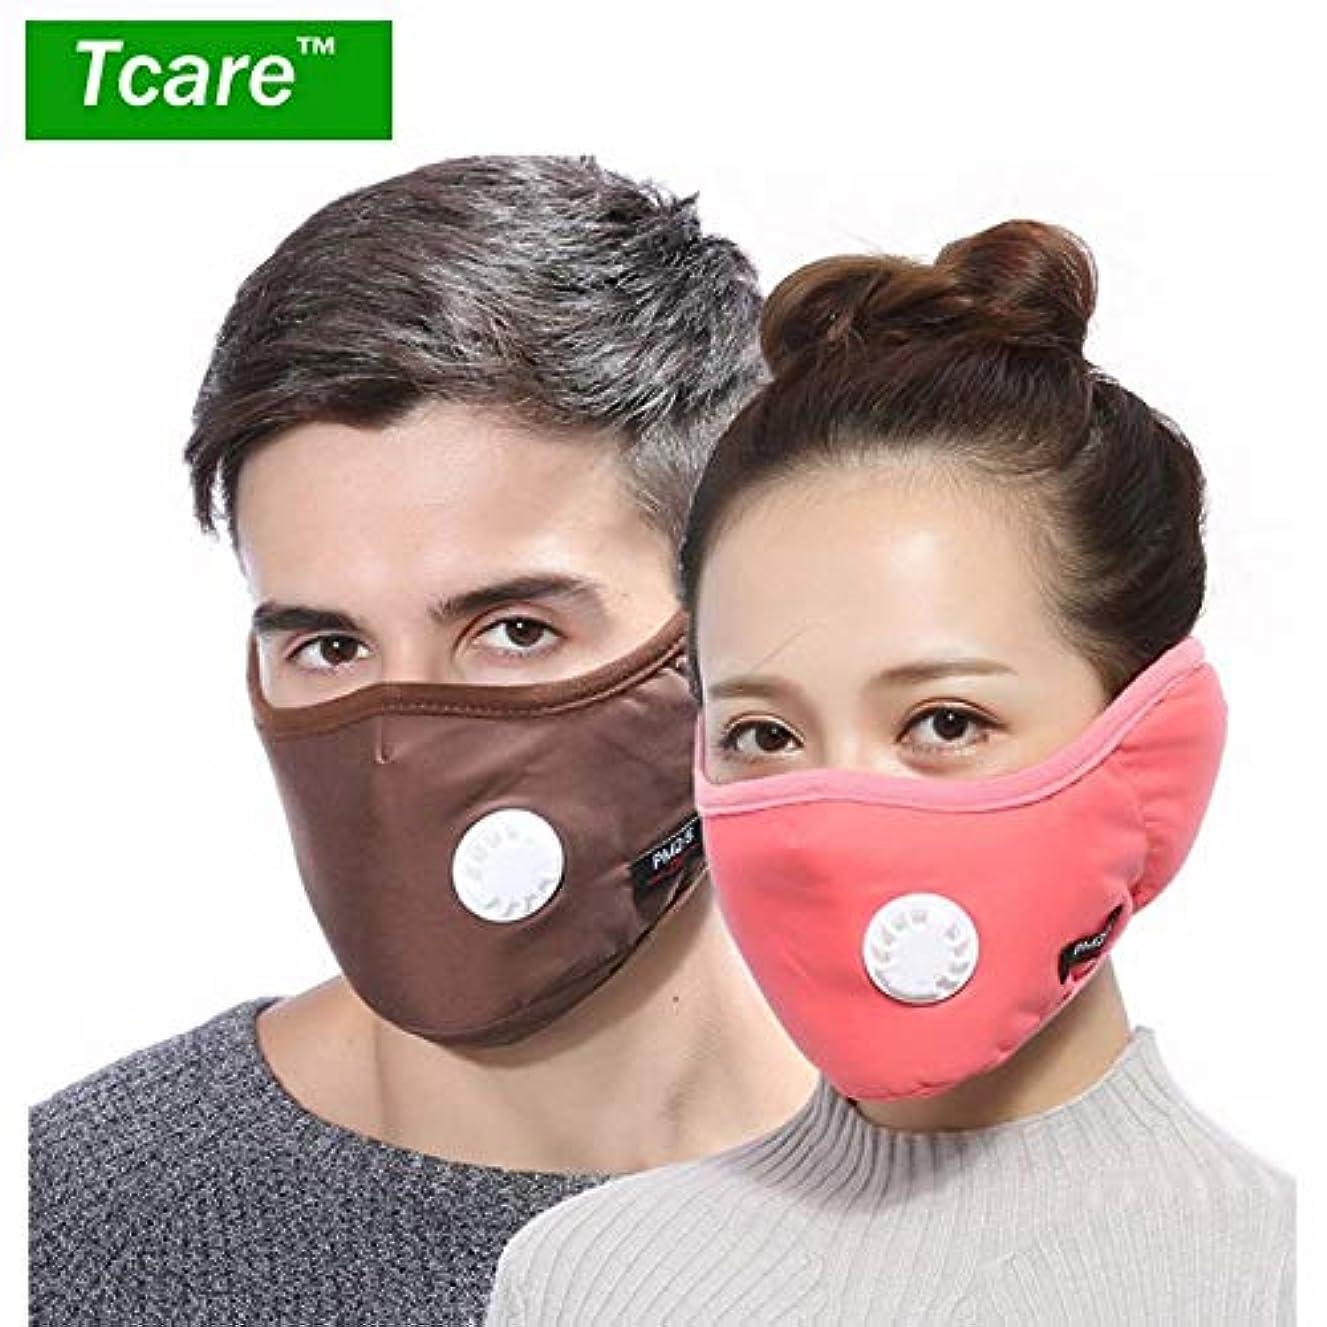 付属品仮定弱まる5ブラウン:1枚のPM2.5マスクバルブコットンアンチダスト口マスク冬のイヤーマフActtedフィルター付マスクでTcare 2